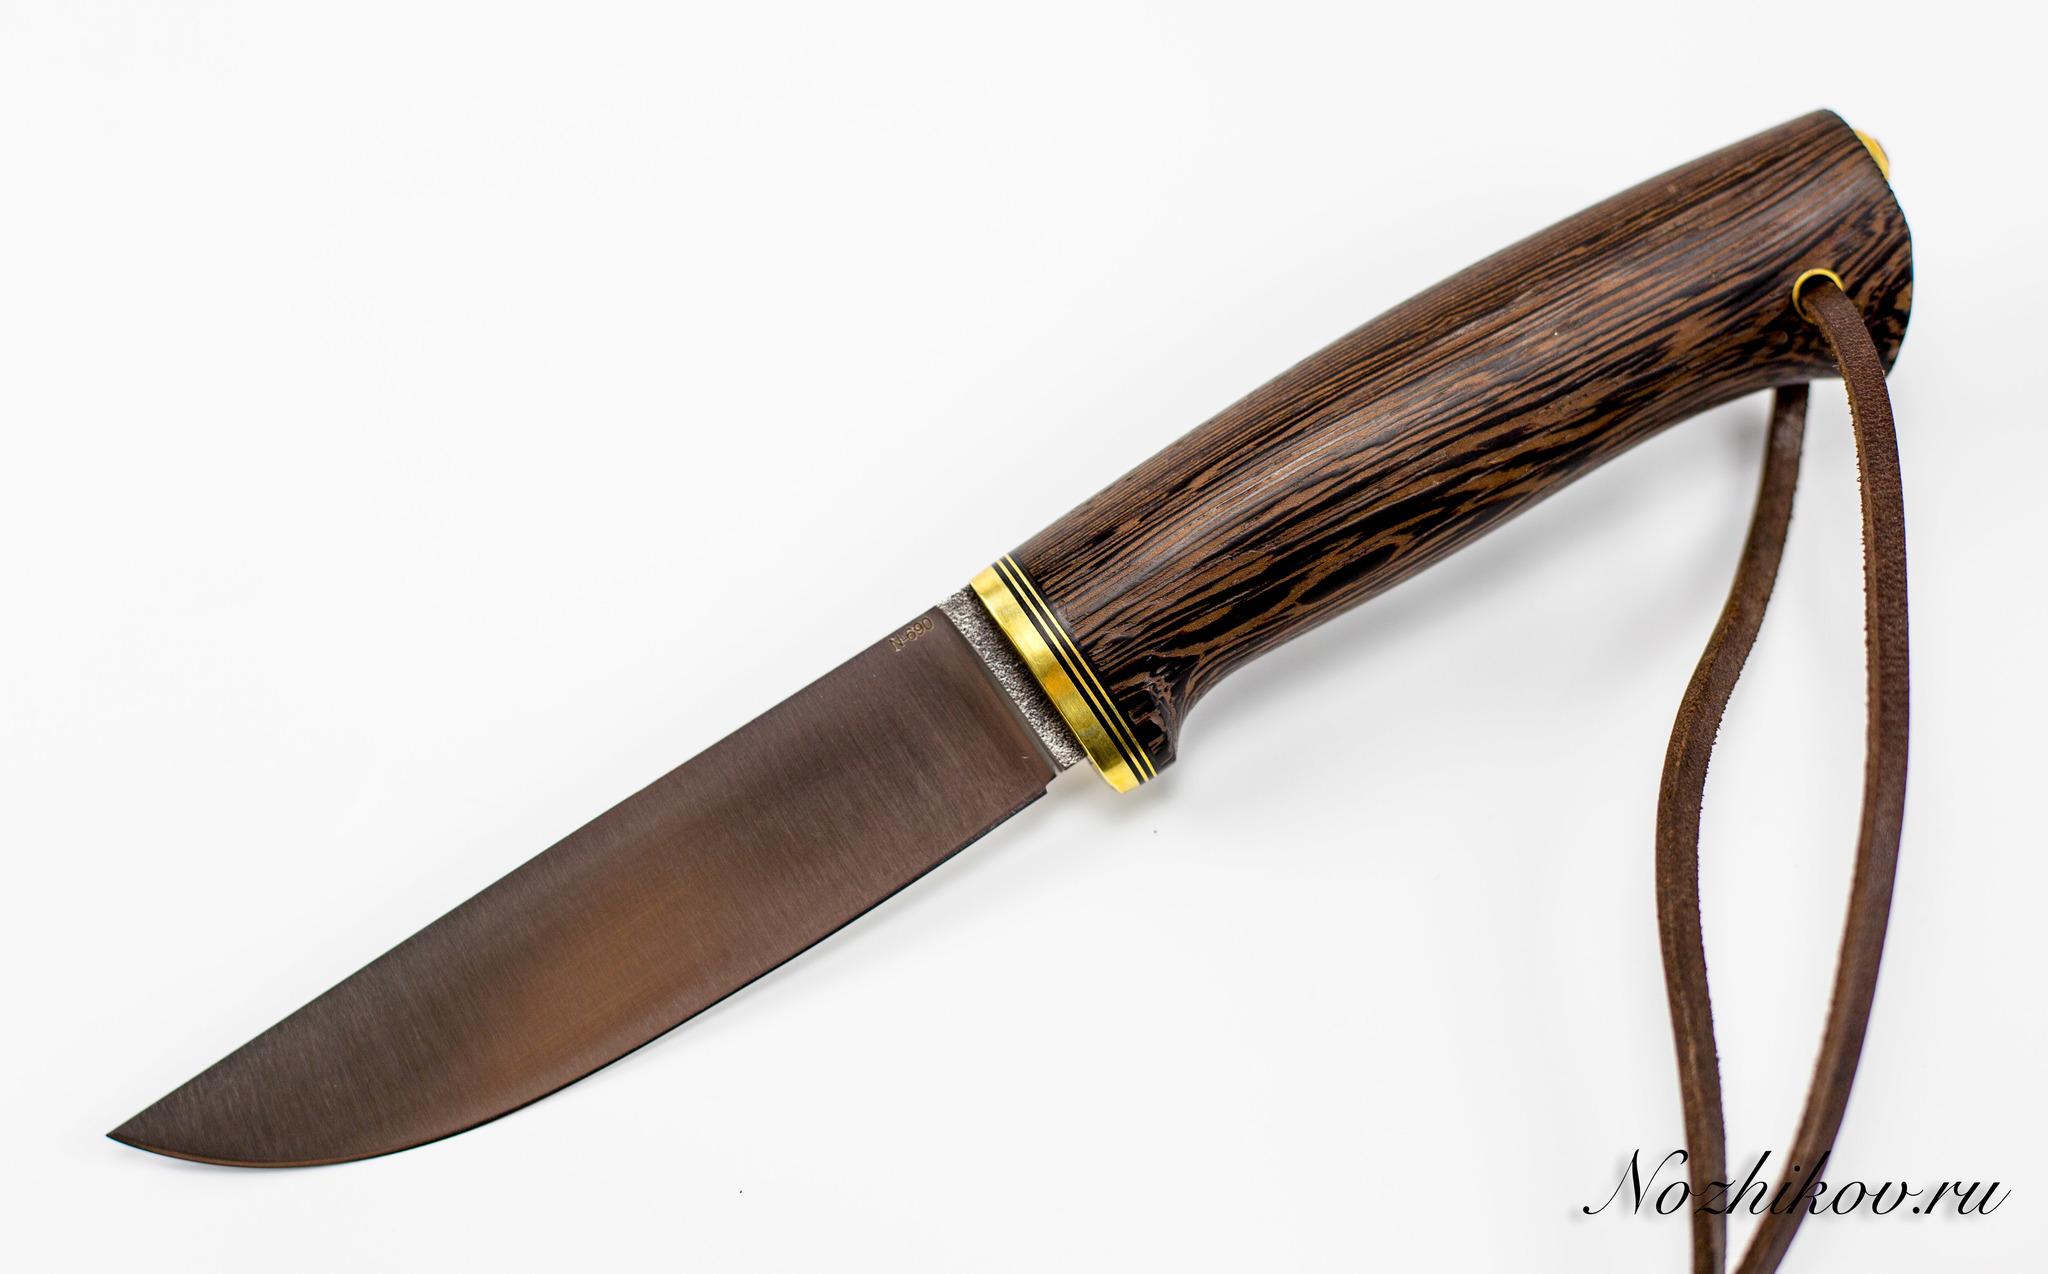 Нож Лиман, сталь N-690, венге, цельный хвостовик